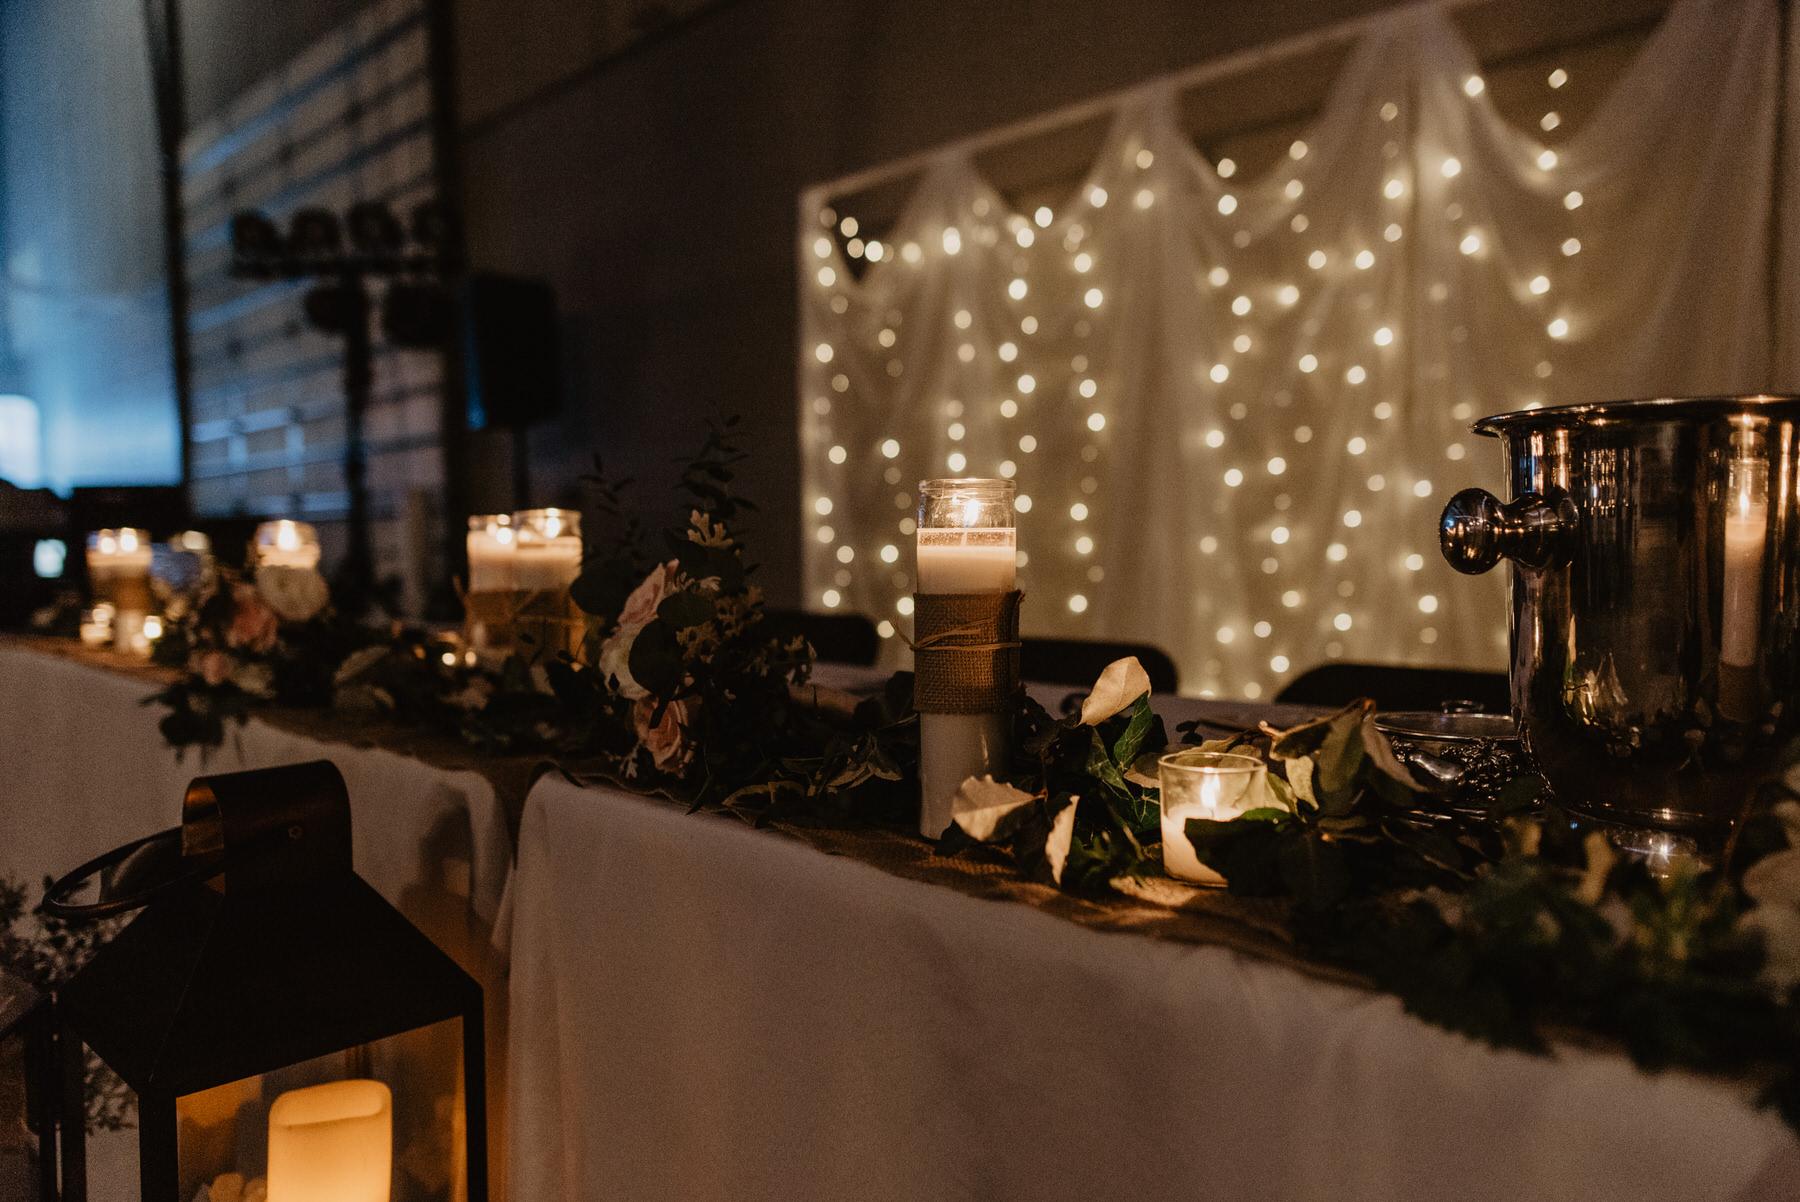 Kaylie-Sirek-Photography-Kearney-Nebraska-Wedding-104.jpg